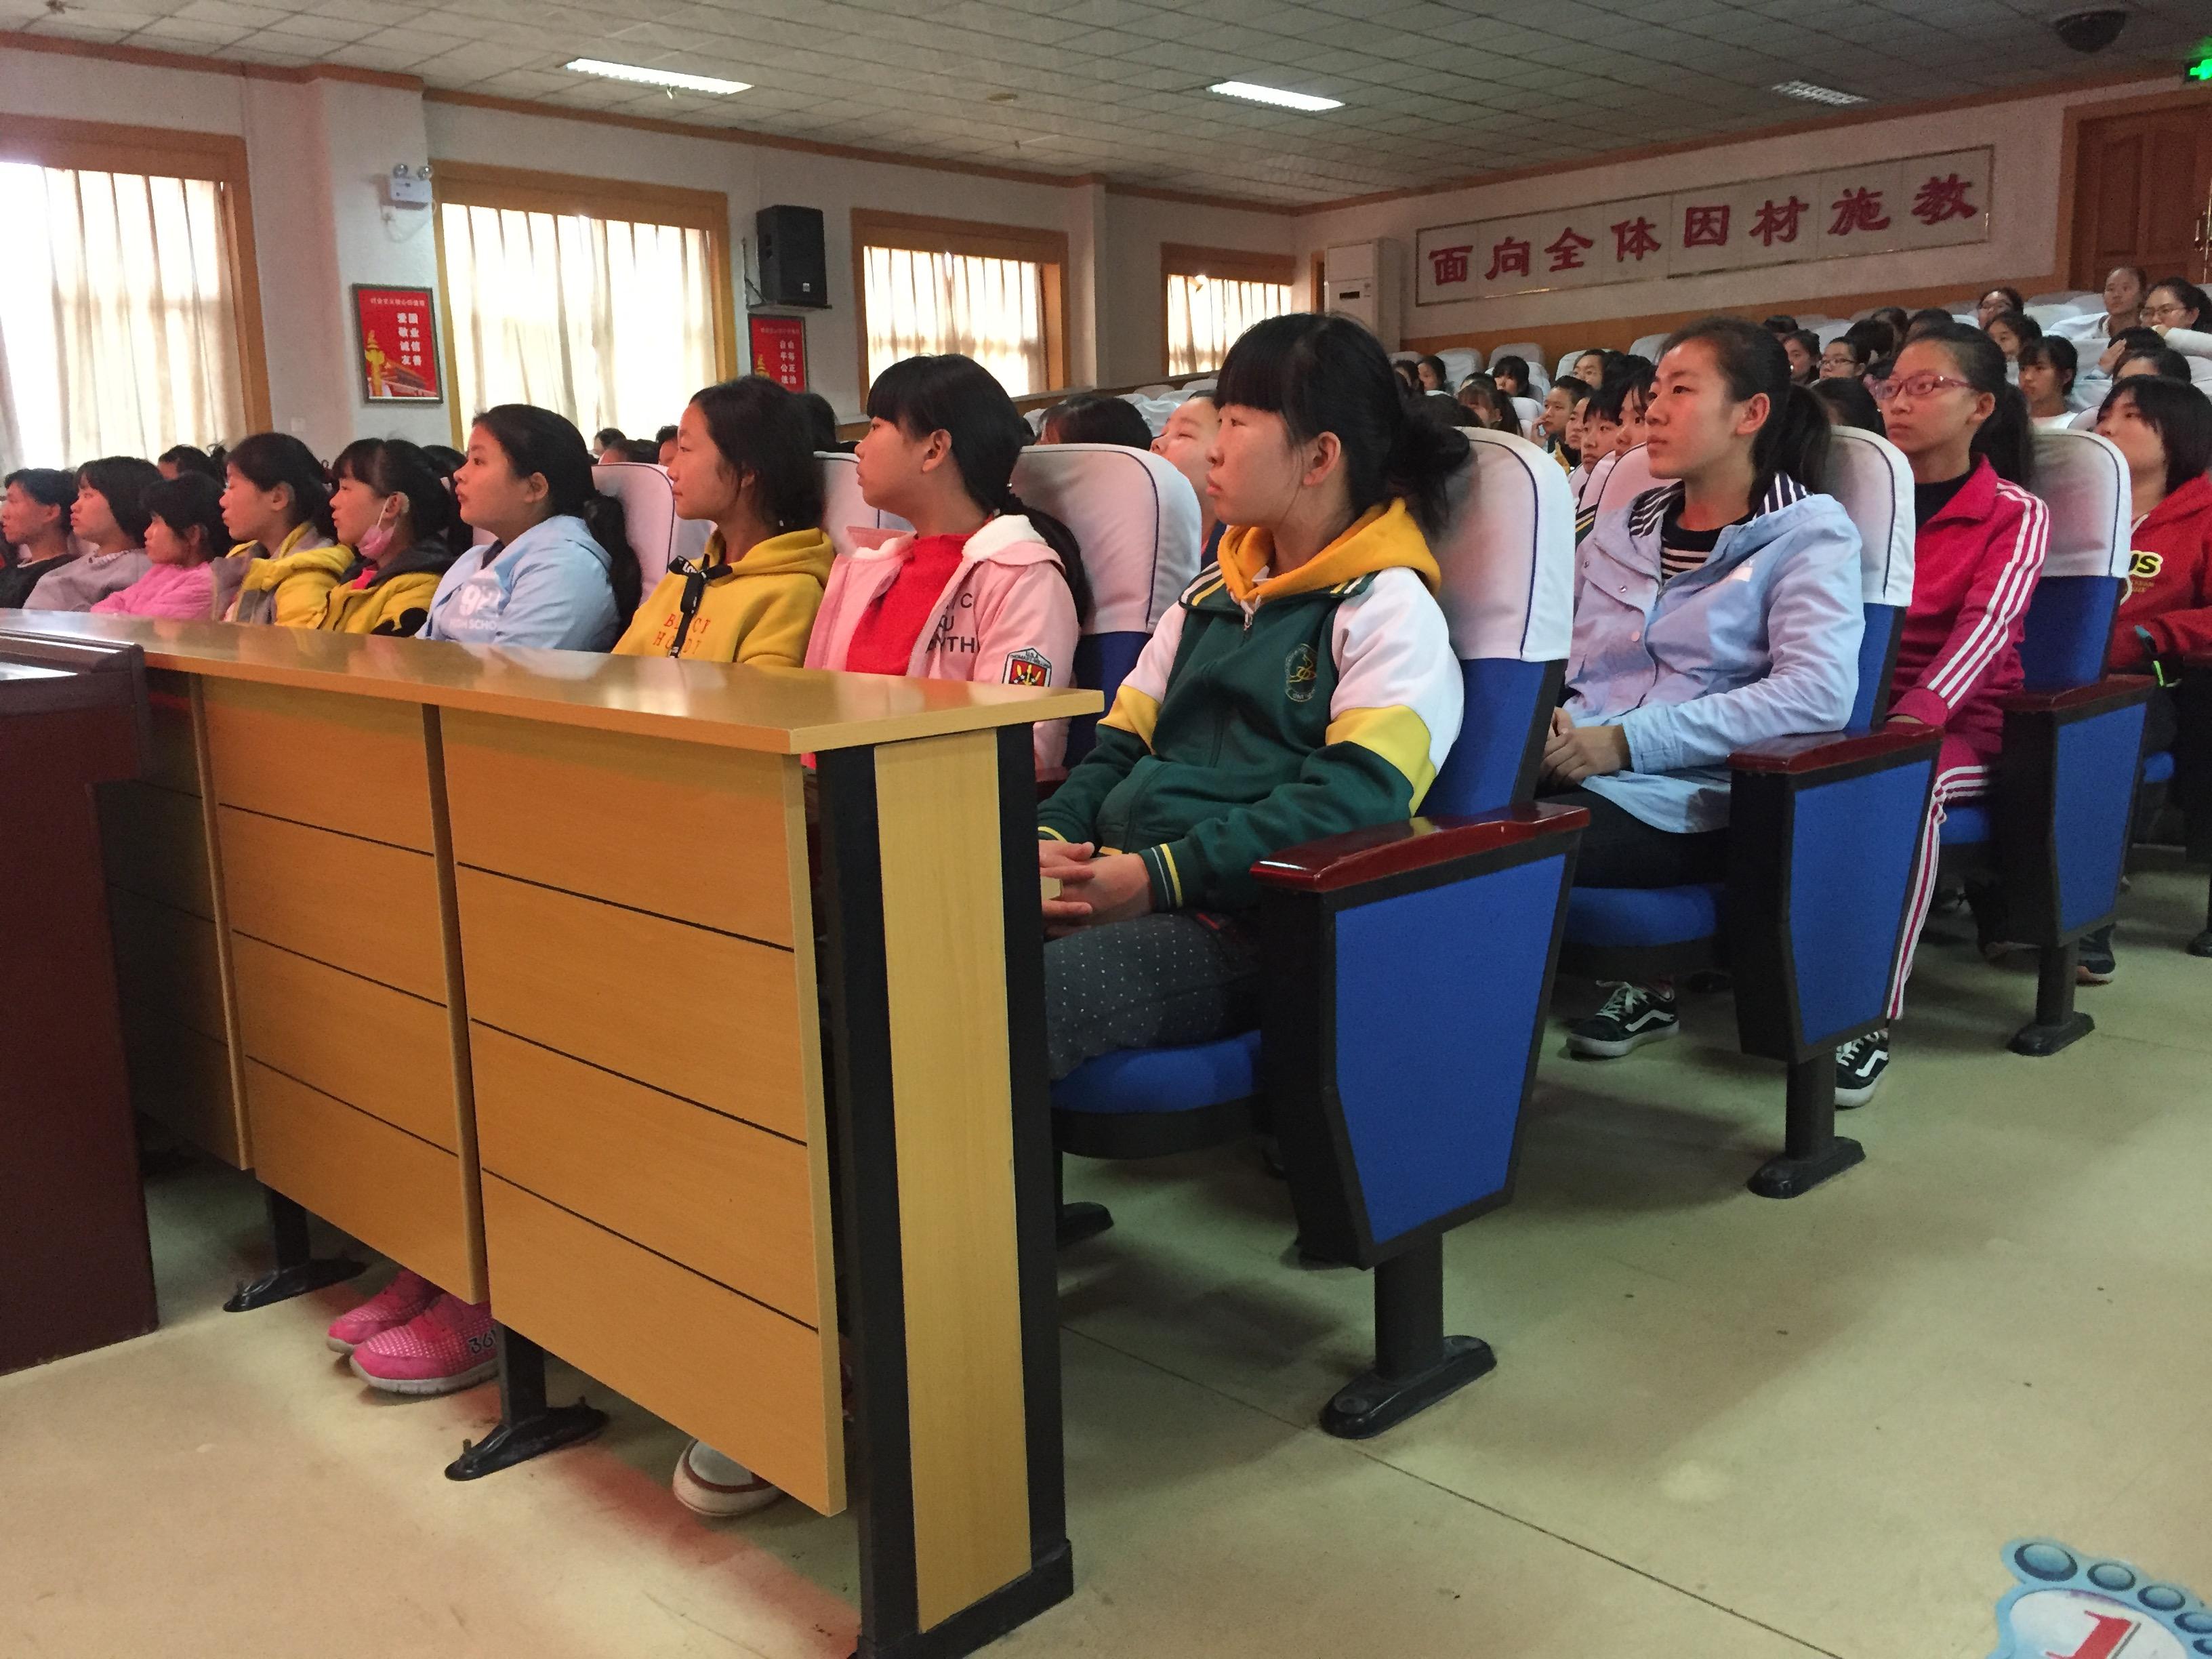 我的青春谁做主? 郑州市盲聋哑学校举行青春期知识讲座